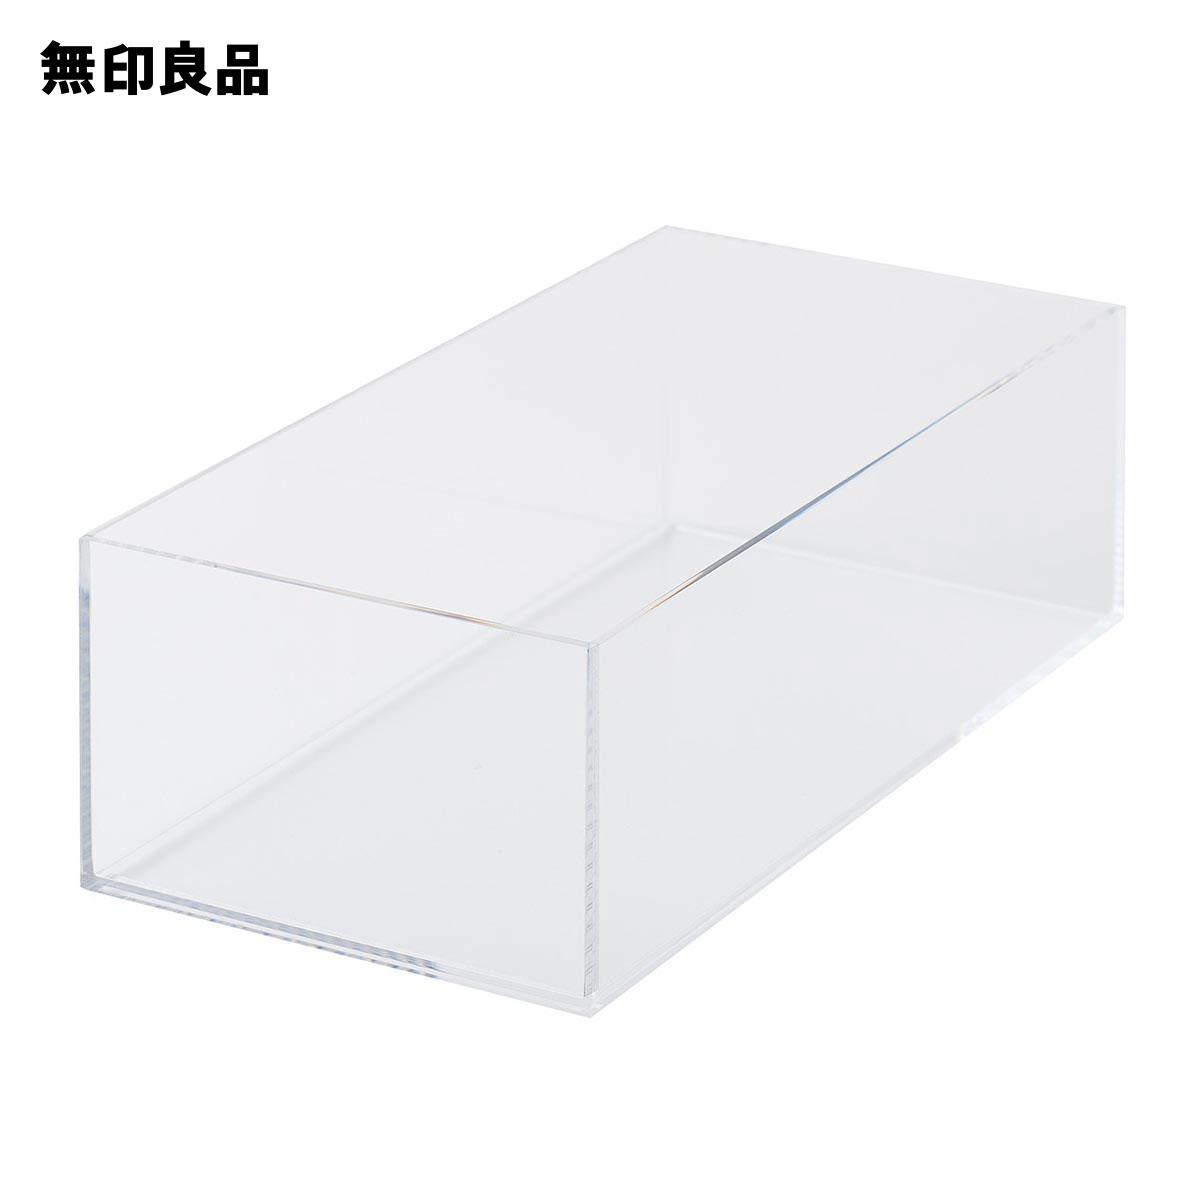 【無印良品 公式】 重なるアクリルボックス・中 約幅25.2×奥行12.6×高8cm